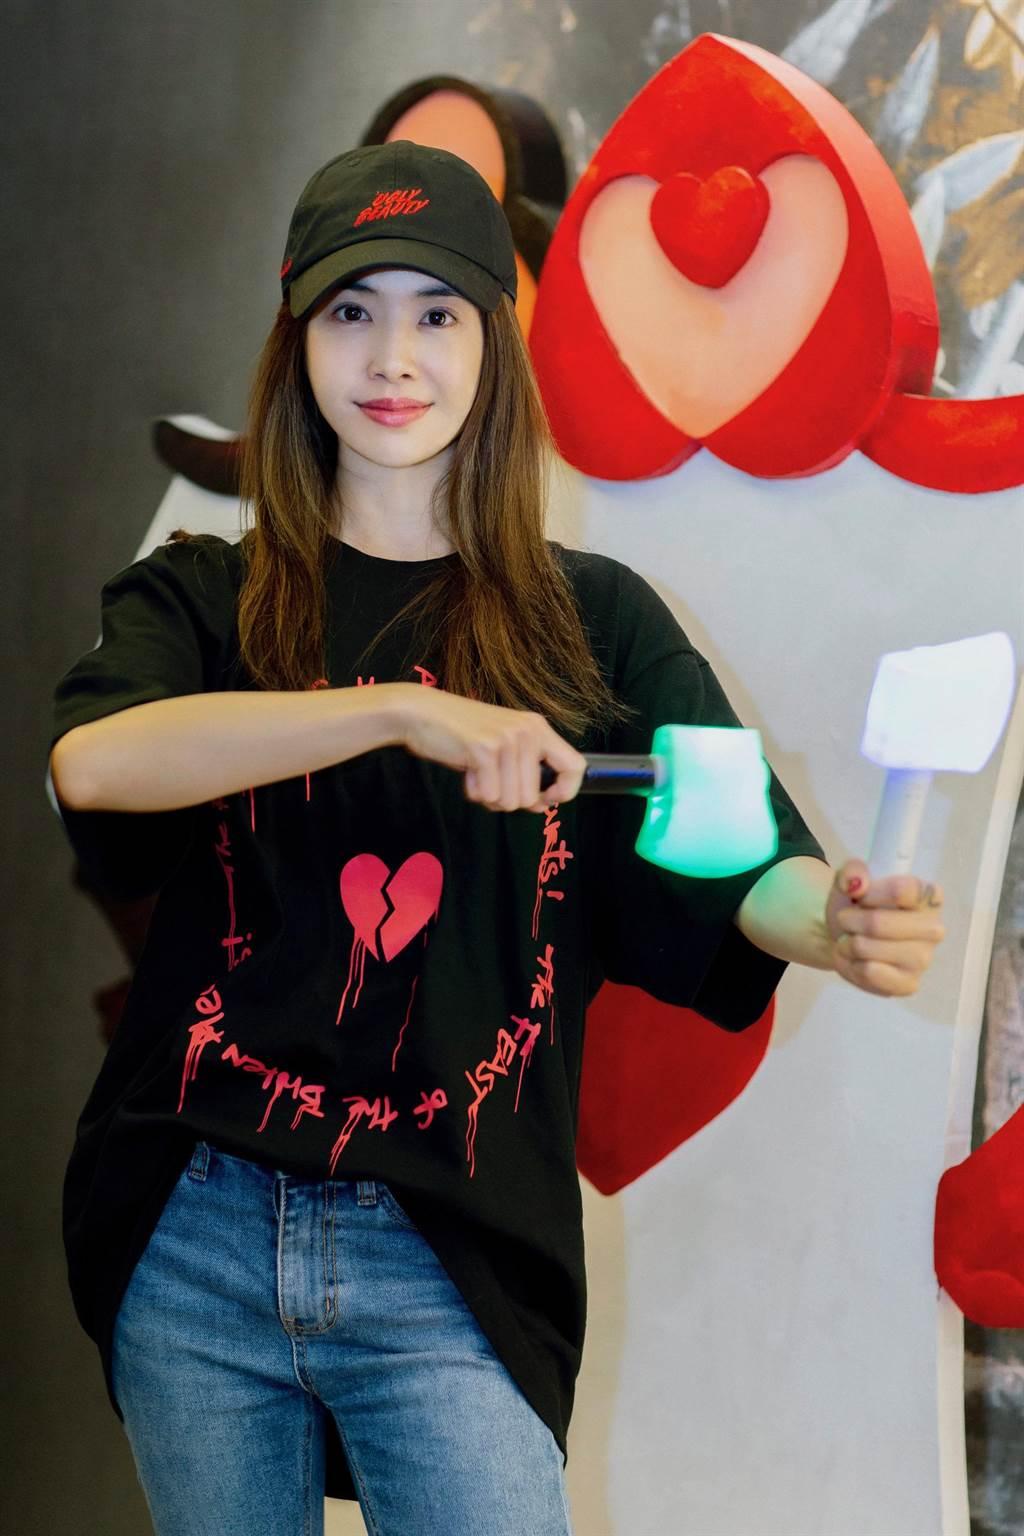 蔡依林將在台北演唱會送歌迷6.6萬支、6種不同顏色的「Ugly Beauty應援螢光斧頭」。(凌時差提供)